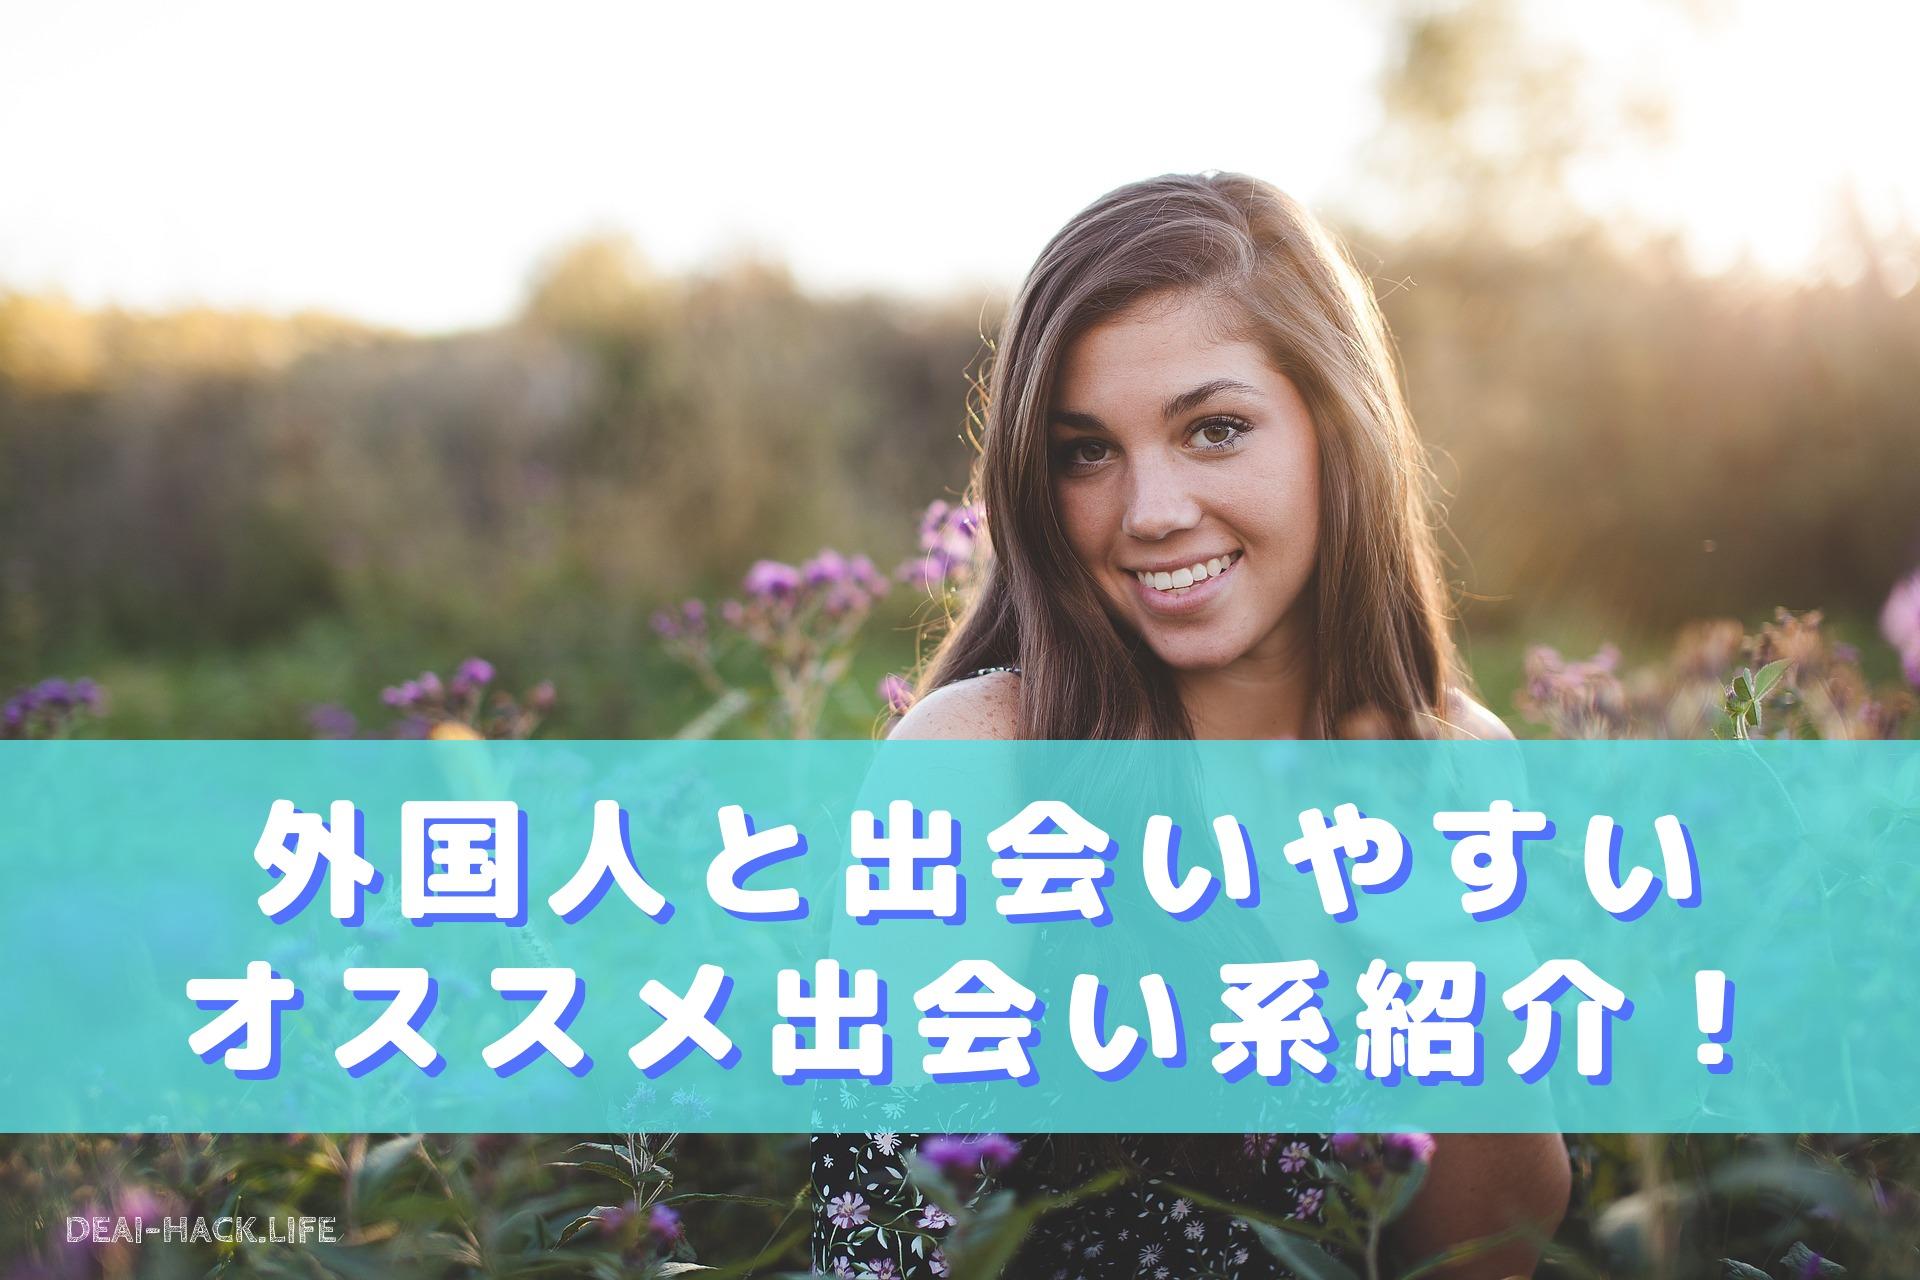 【決定版】外国人と出会いたい!効率のいいオススメの出会い方紹介します!